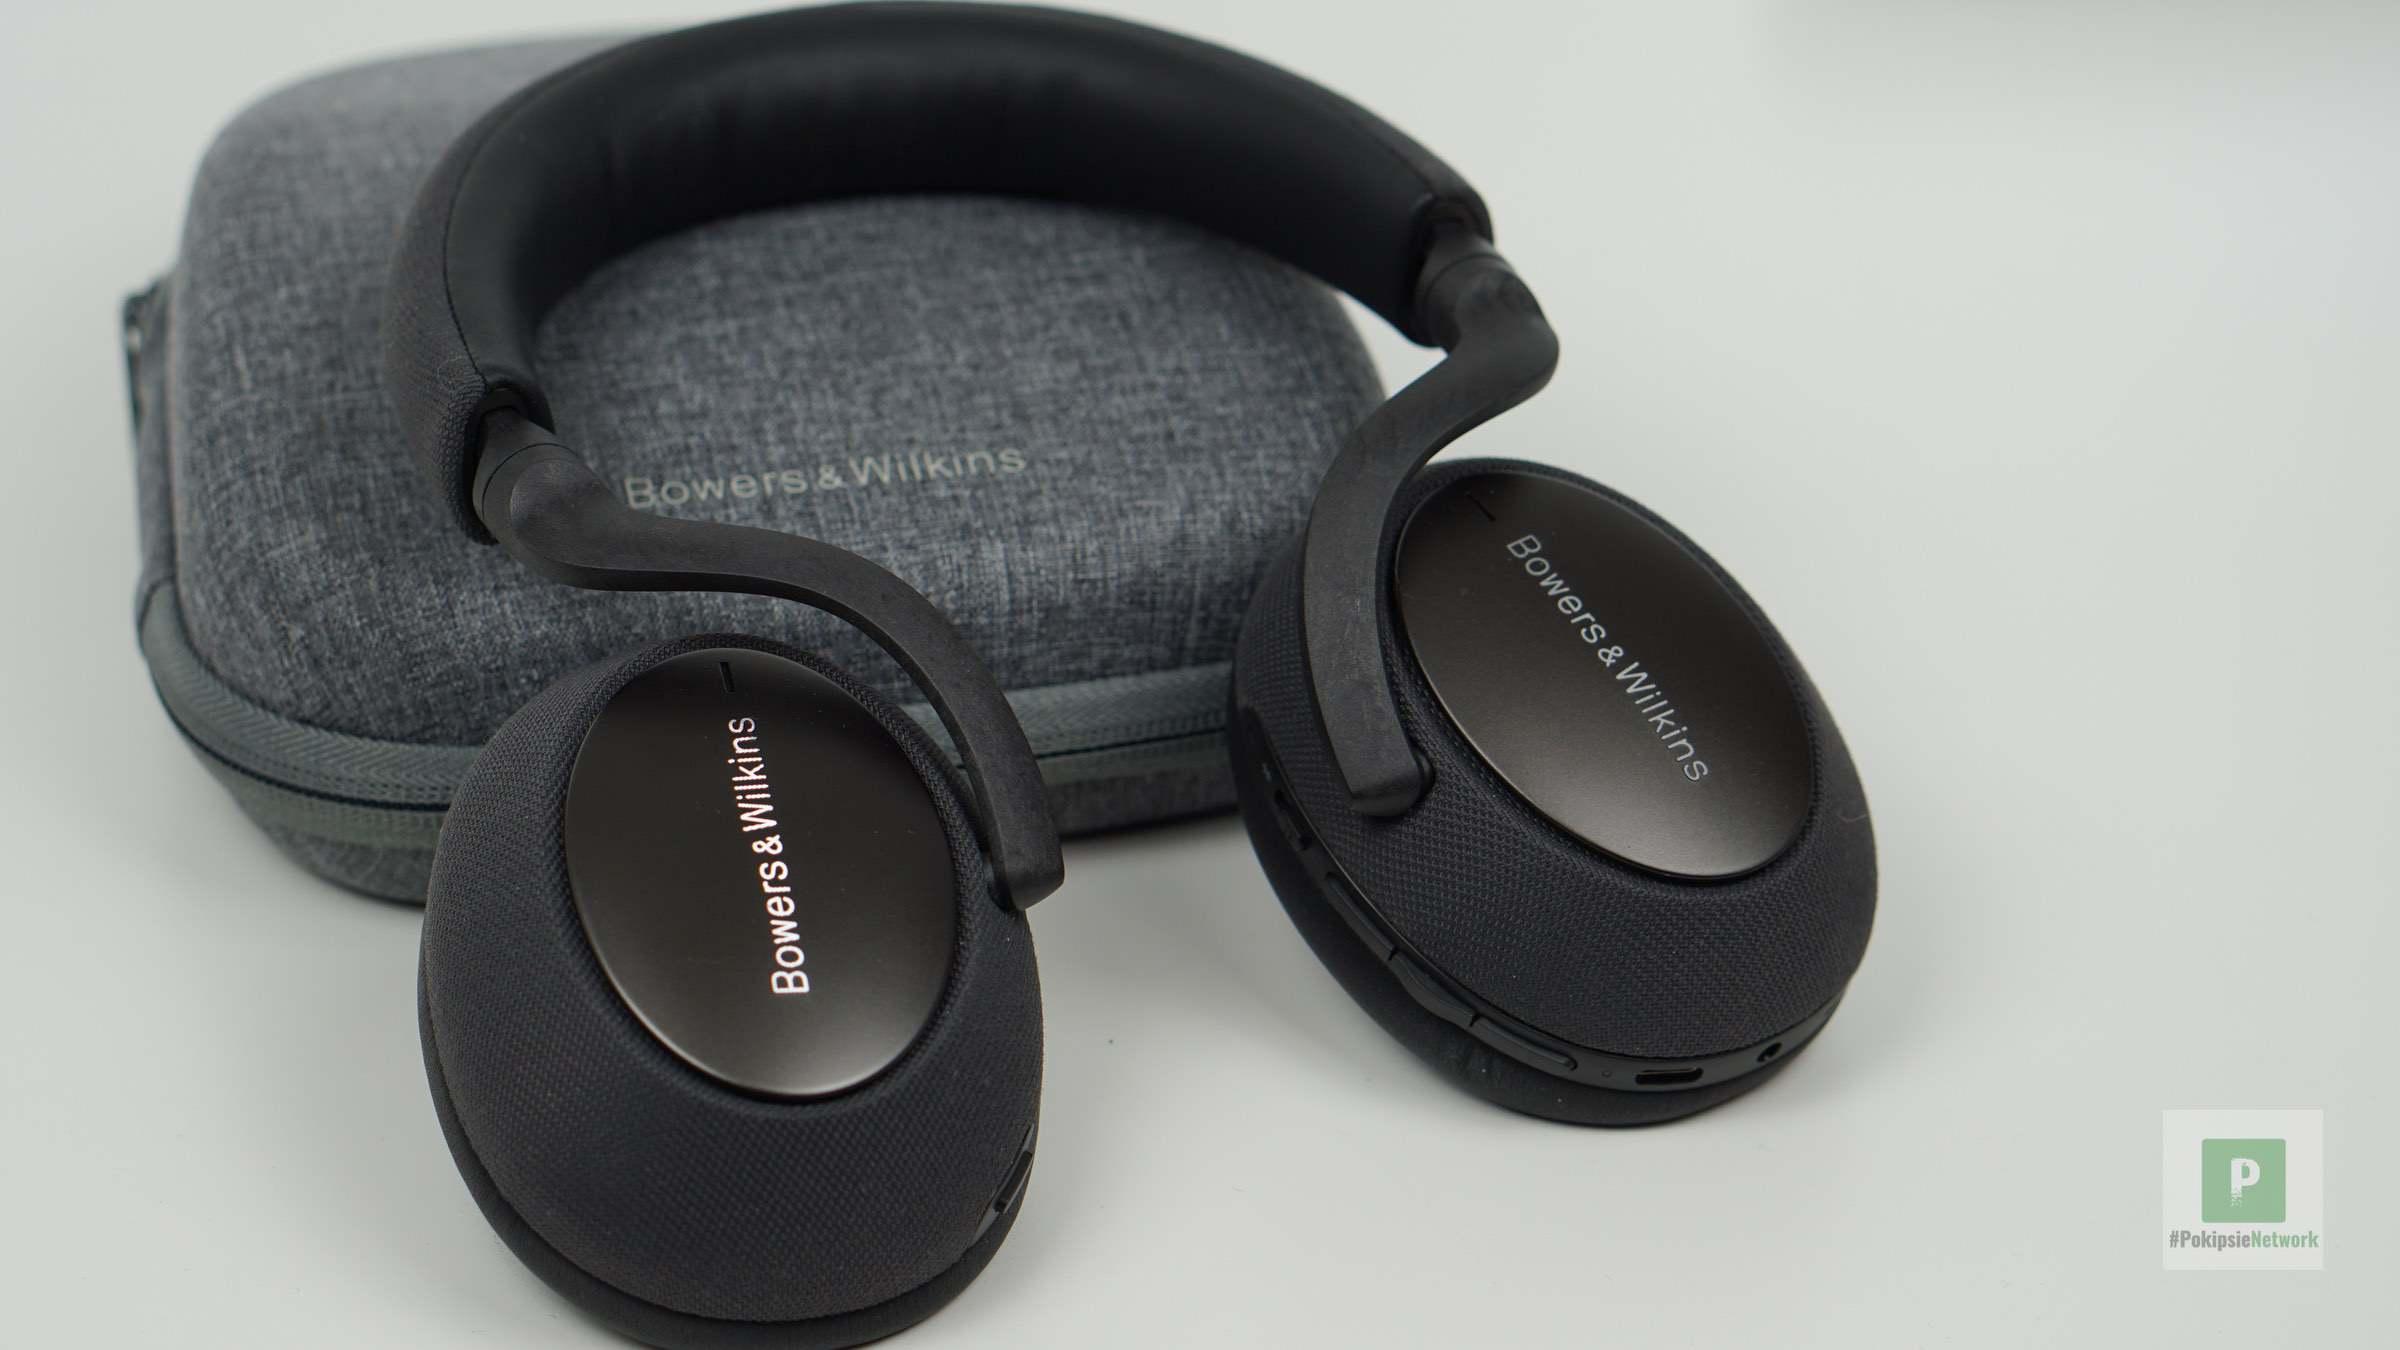 Kopfhörer und Hardcase